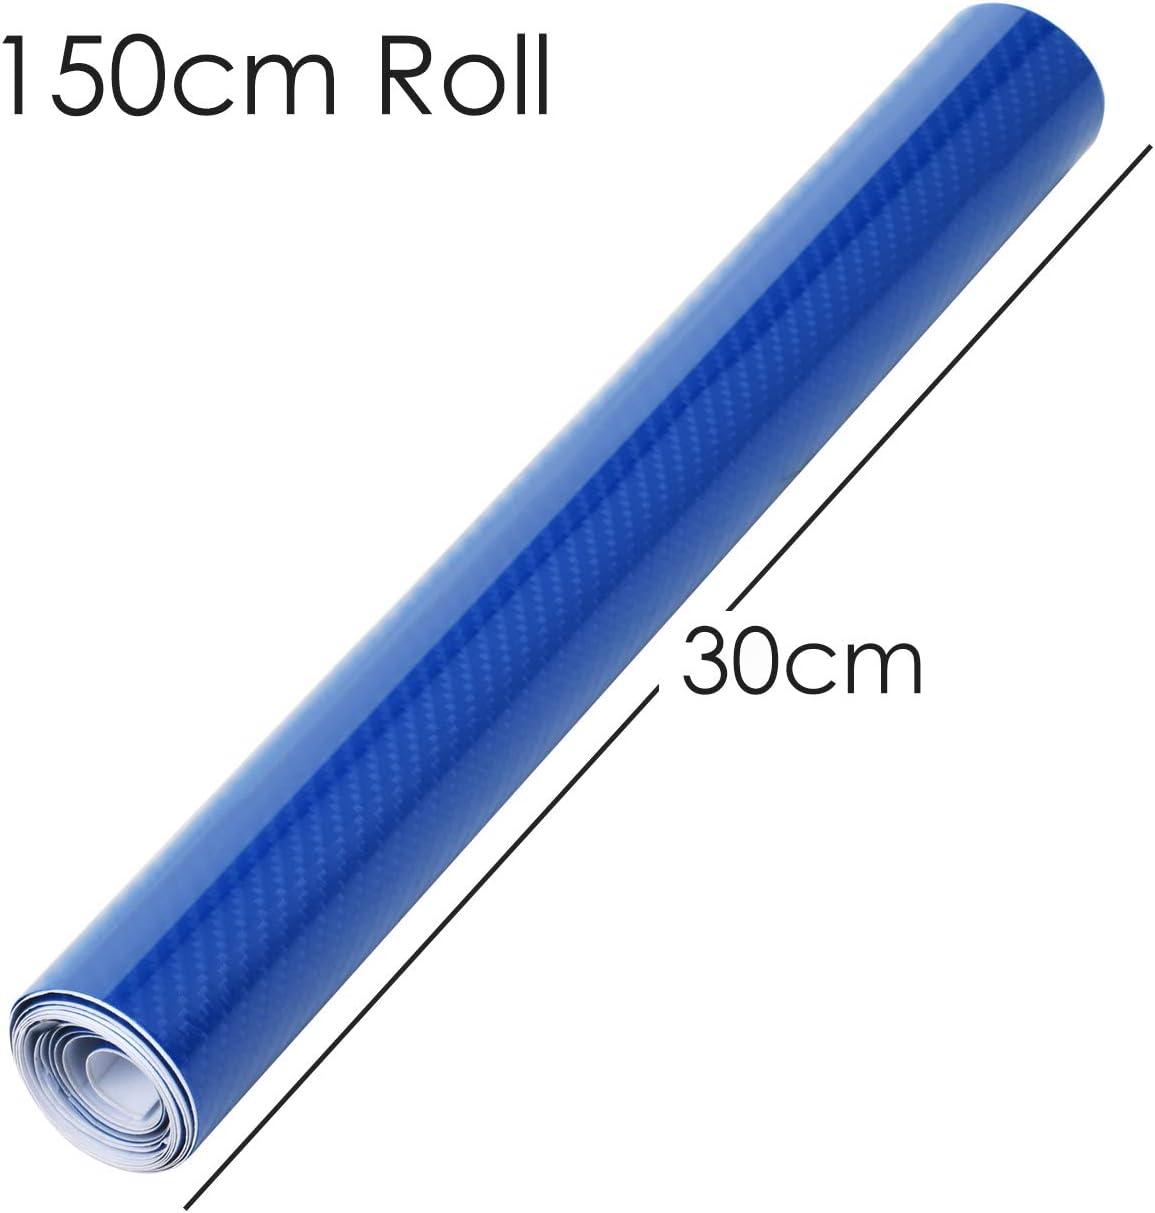 sans Bulle pour Voiture Van Moto int/érieur et ext/érieur /& Tech 1500 x 300mm TRIXES Vinyl Wrap Auto-adh/ésif en Vinyle de Carbone 6D Couleur Bleu Brillant